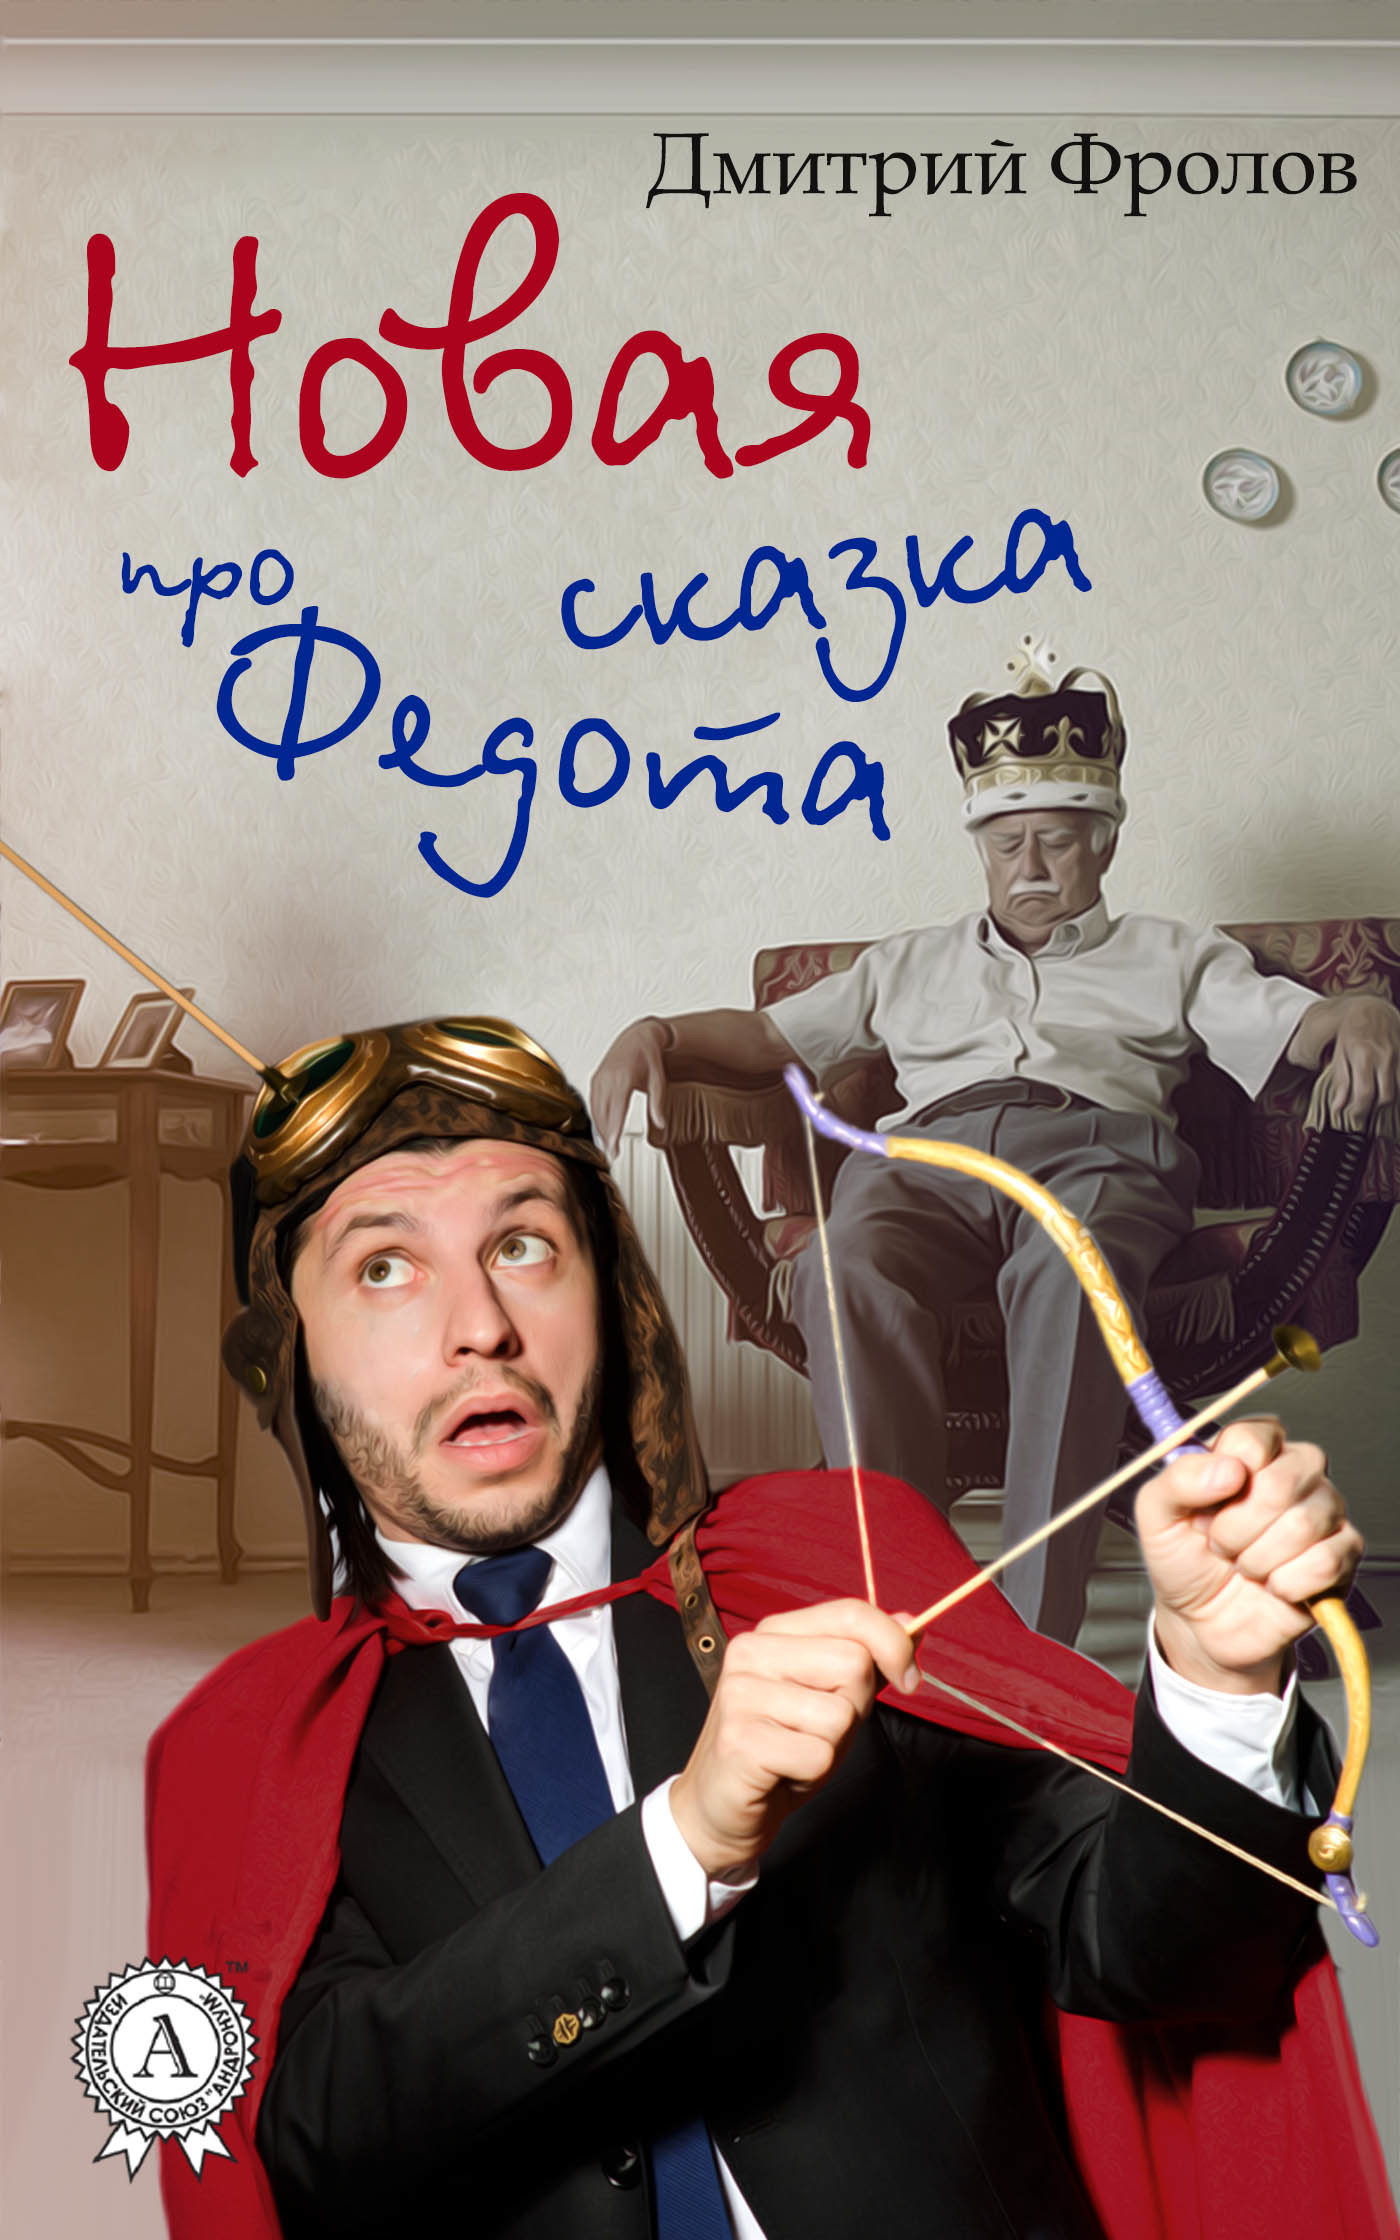 Дмитрий Фролов бесплатно